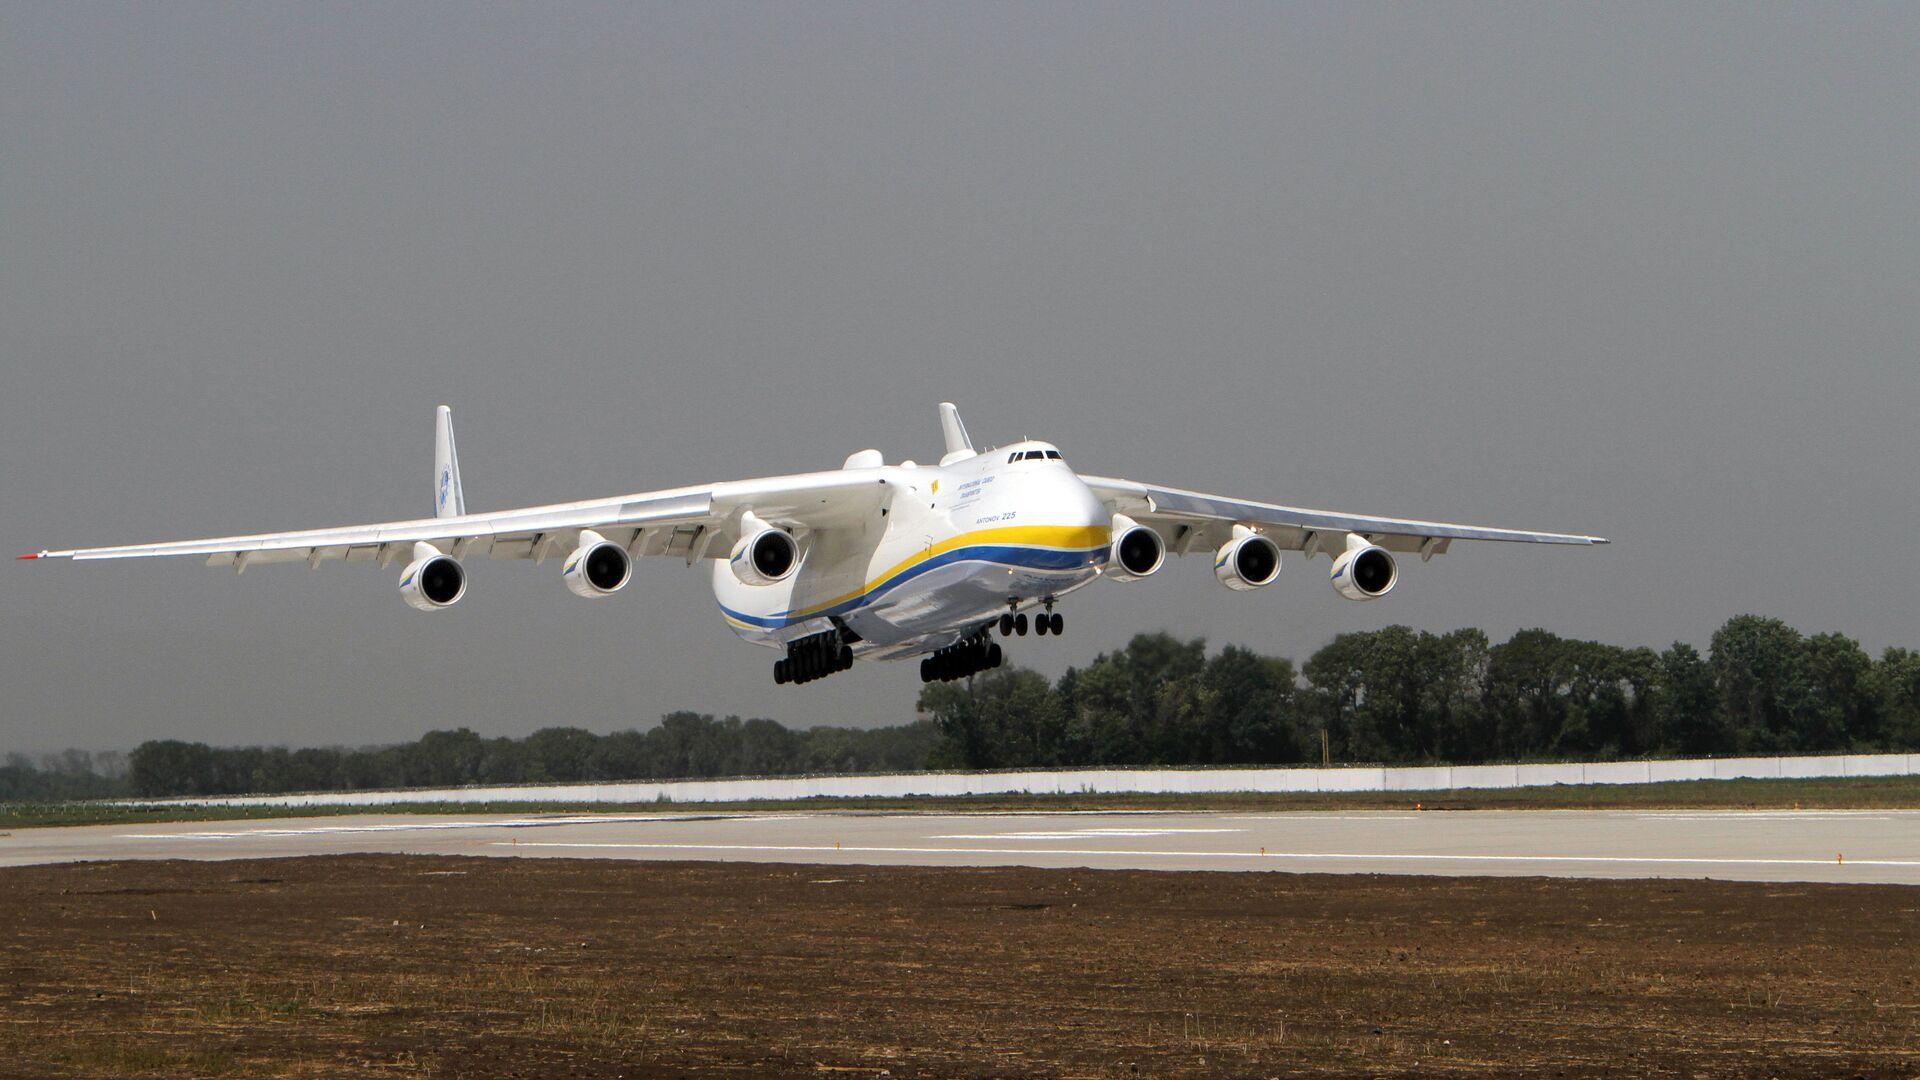 El avión de carga más grande del mundo, el Antonov An-225 Mriya  - Sputnik Mundo, 1920, 09.07.2021